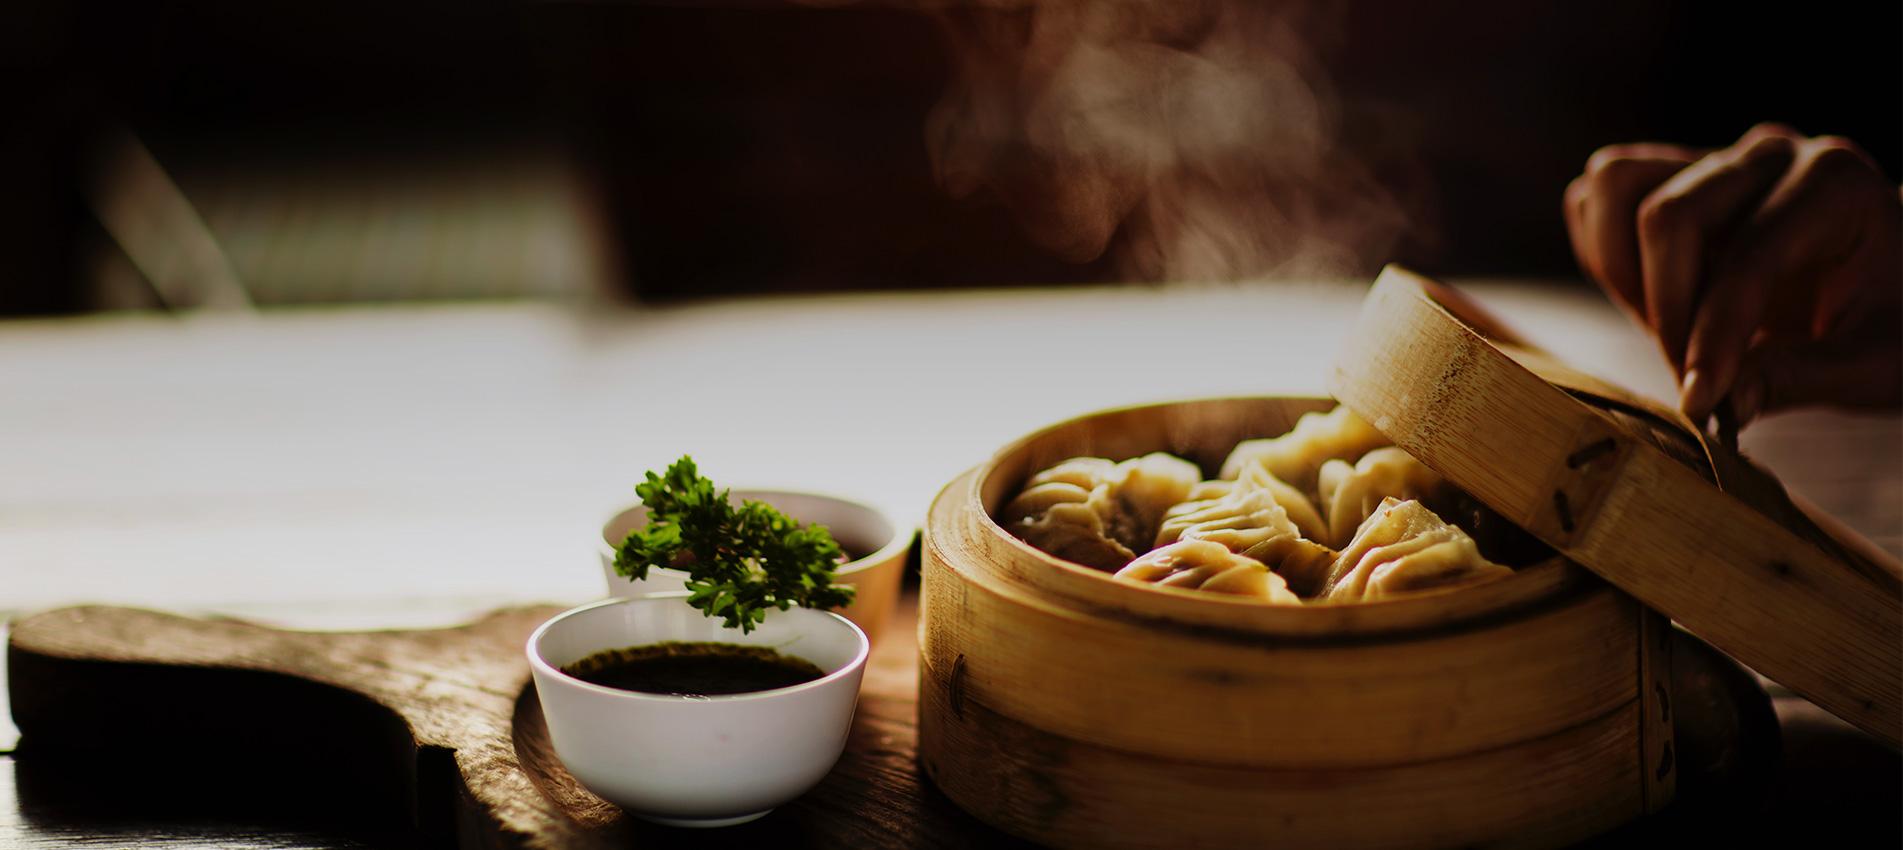 Chinesischer Abend – Chinesisches Essen